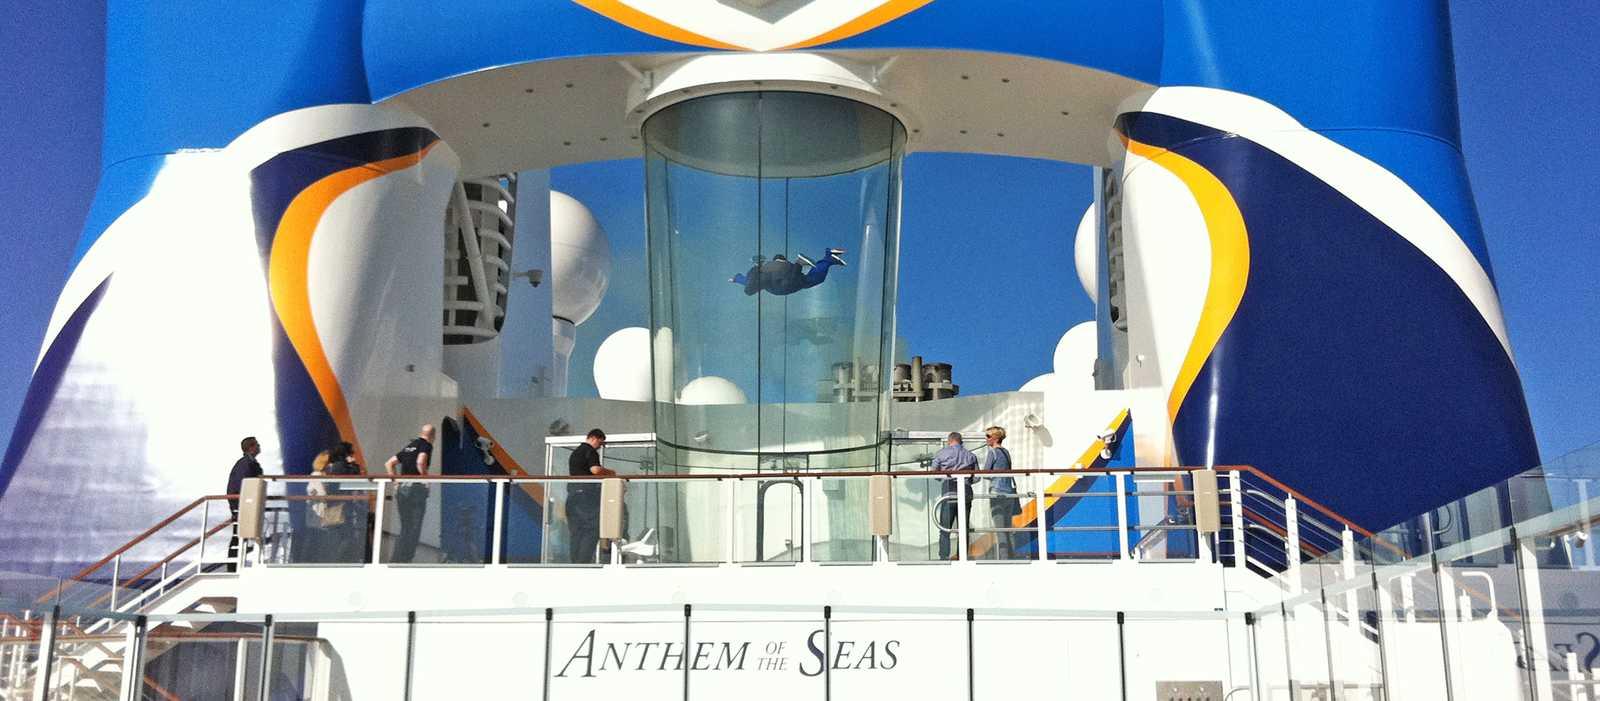 Skydiving auf der Anthem of the Seas